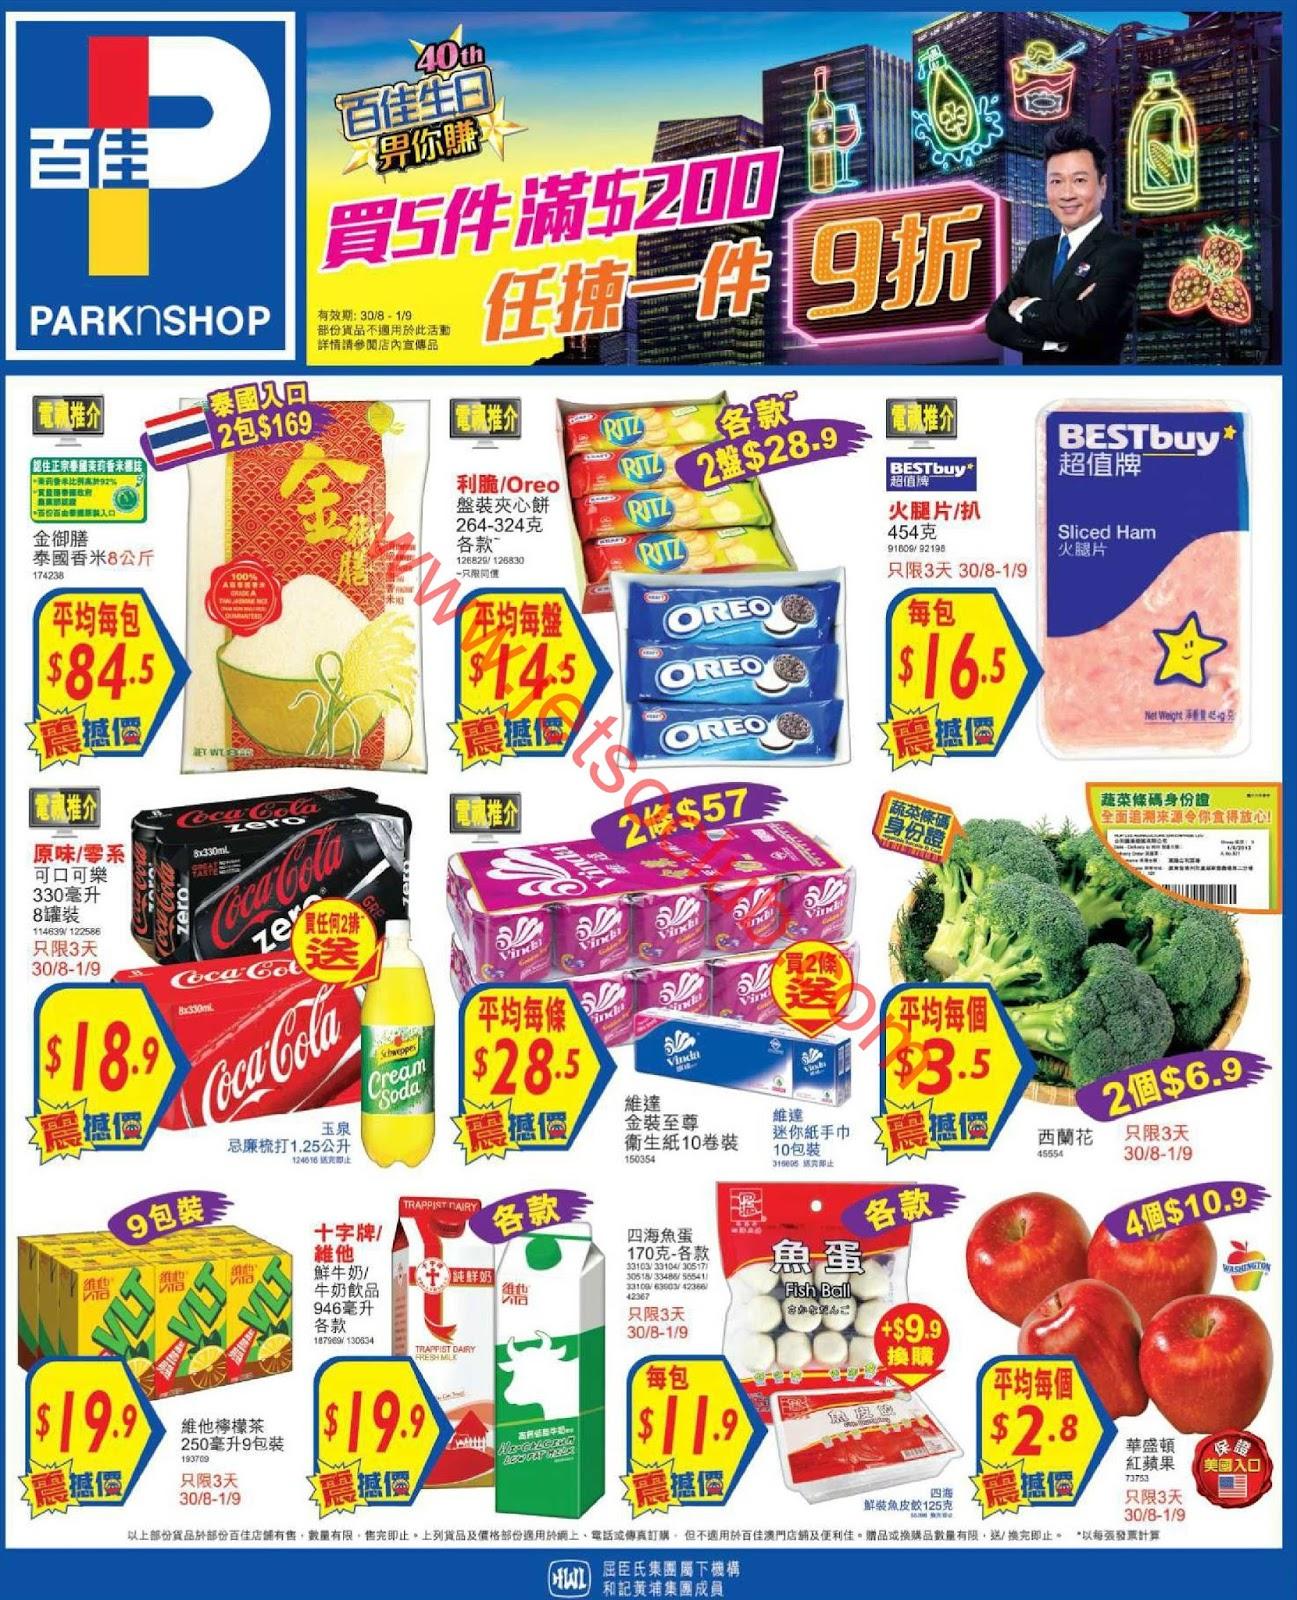 百佳超級市場最新優惠(30/8) ( Jetso Club 著數俱樂部 )